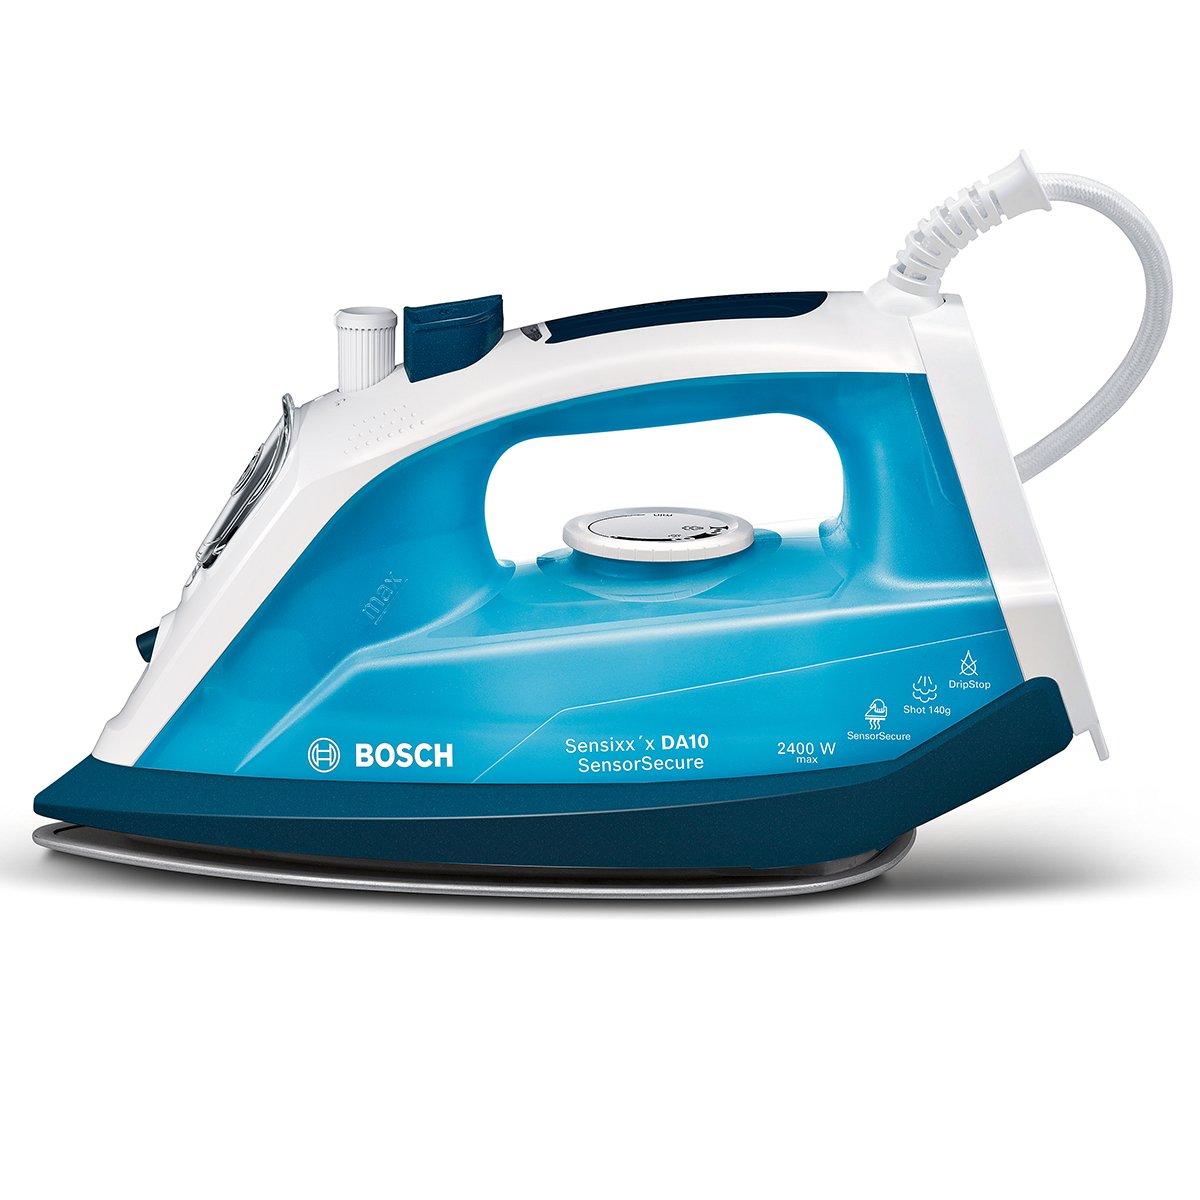 Bosch TDA1024210Steam Ferro da stiro Sensixx' x DA10Sensor Secure (2400Watt max.A vapore, colpo 140g/min., extra 35G/min vapore.Piastra, Palladio Glissee, QUANTITÀ) Magic Night Blu/Azzurro Ghiaccio